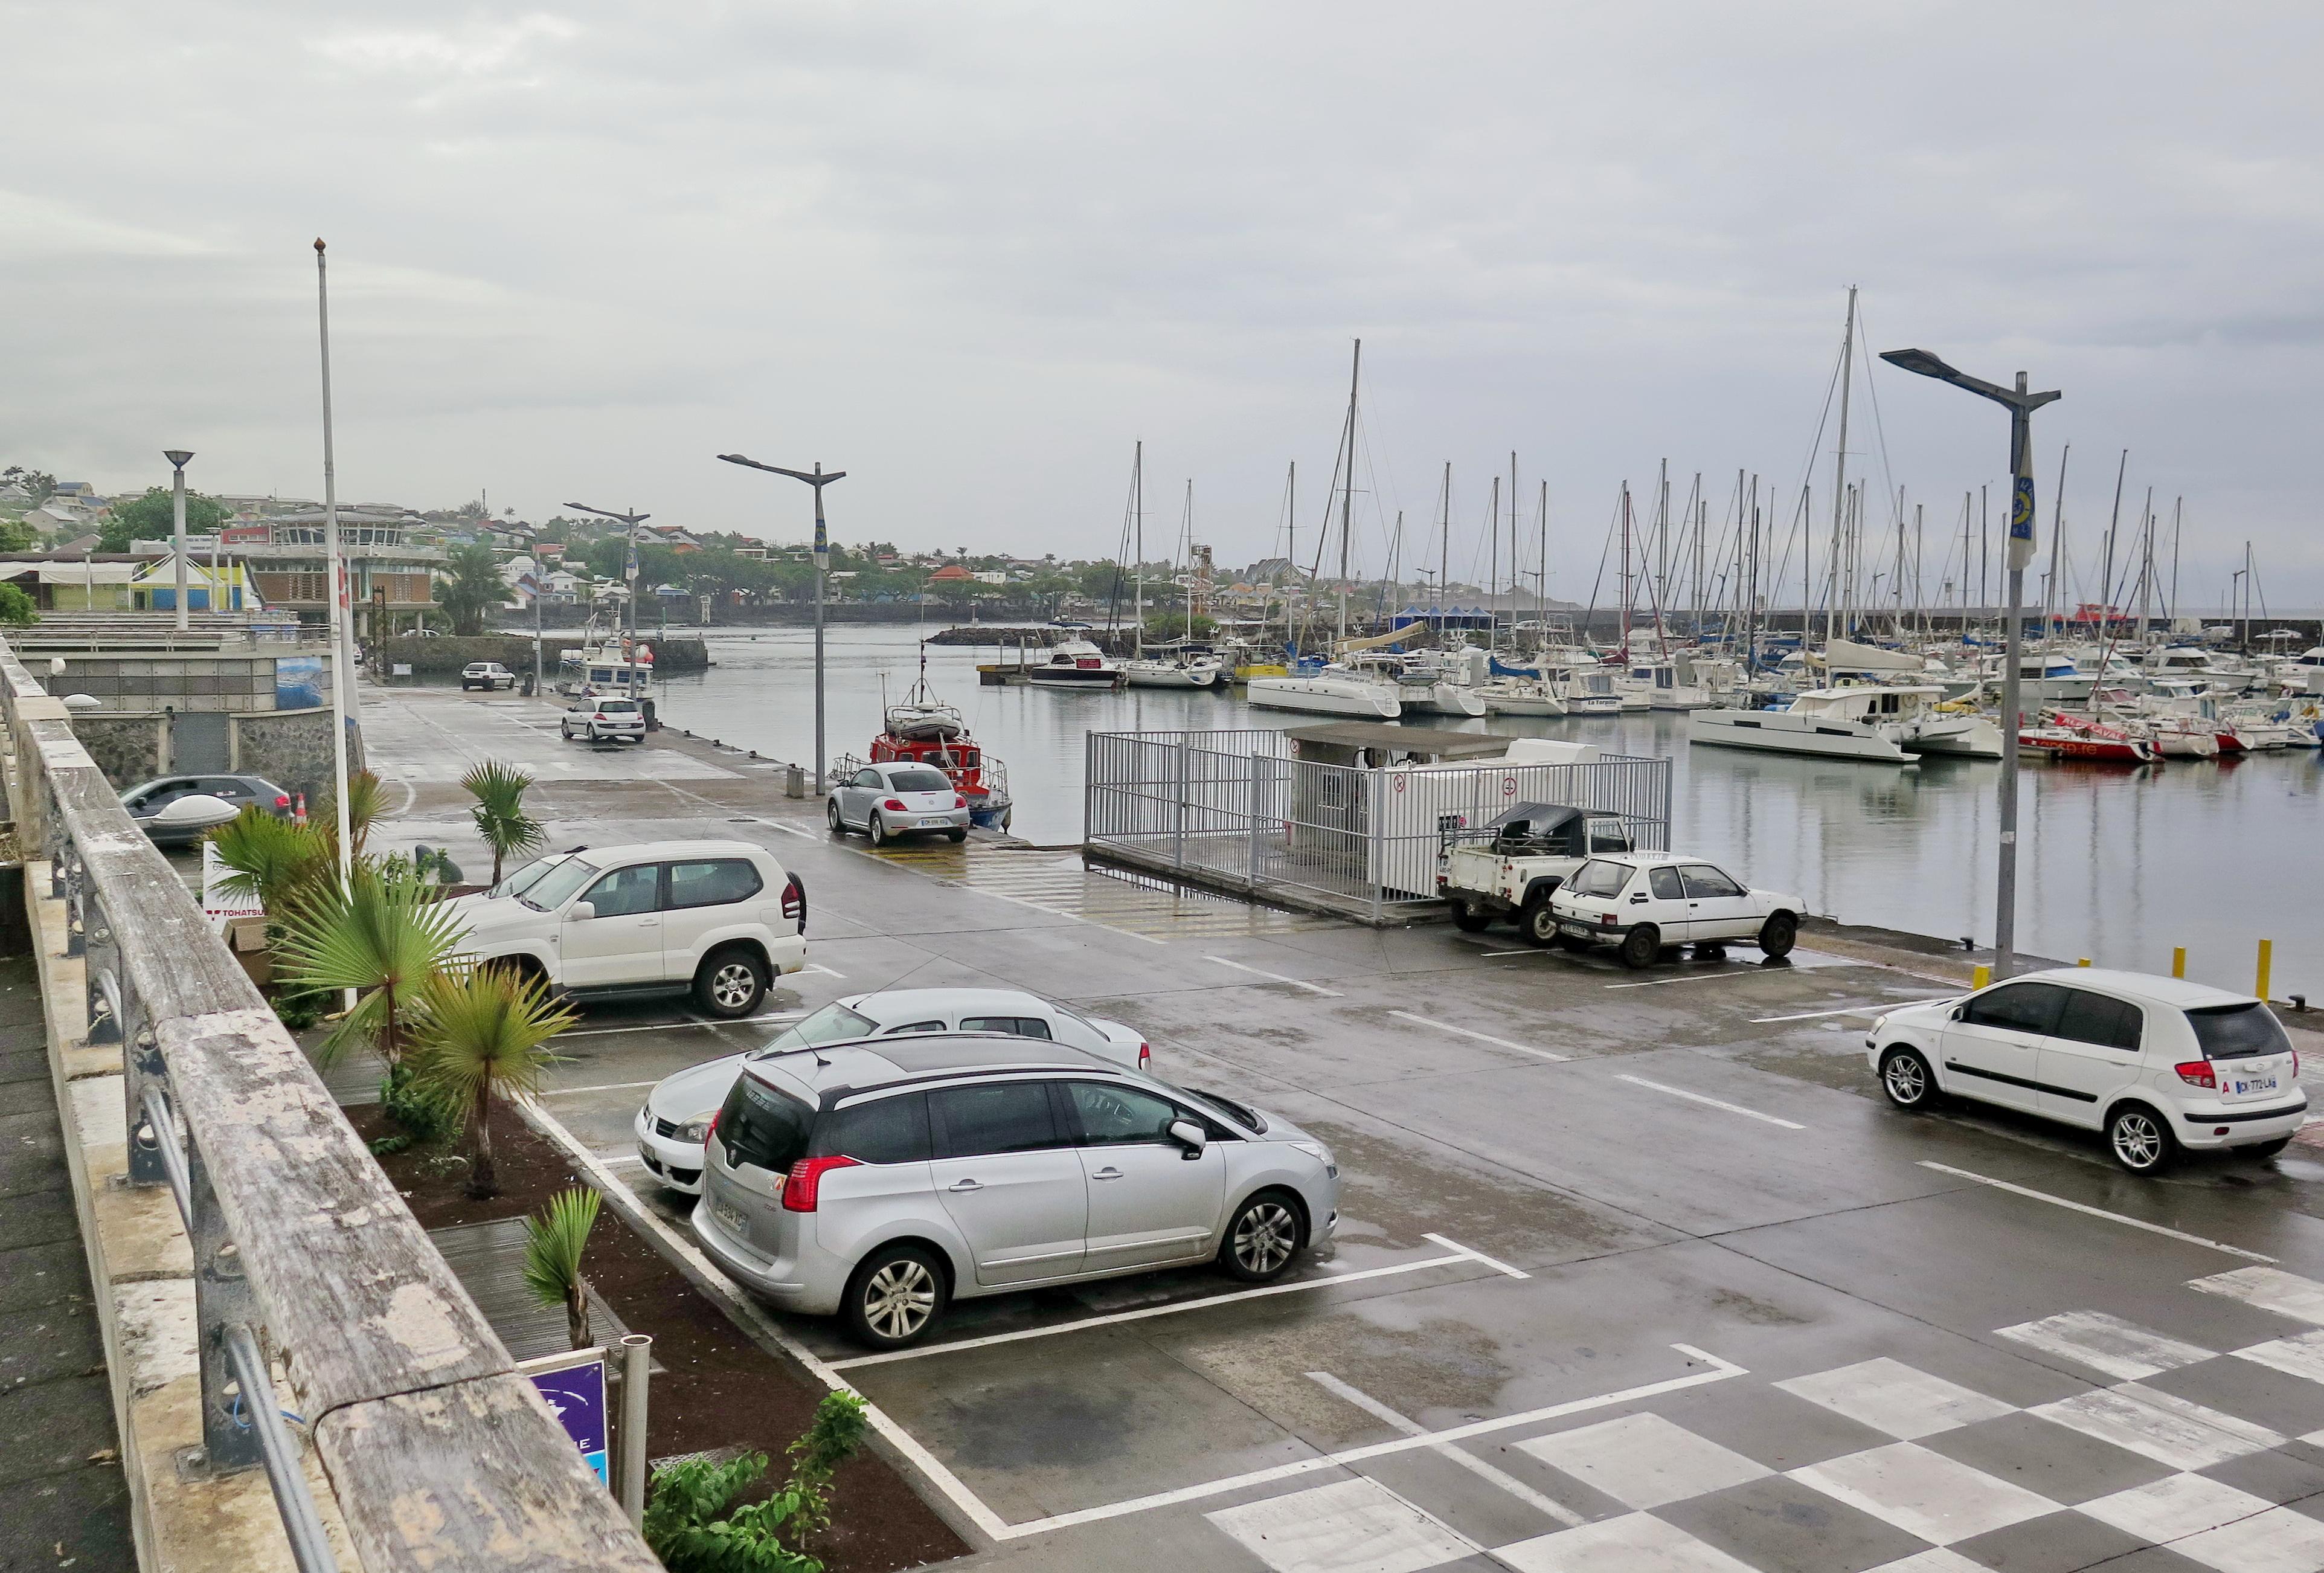 [Vie des ports] Les ports de la Réunion - Page 2 829403saintpierre010